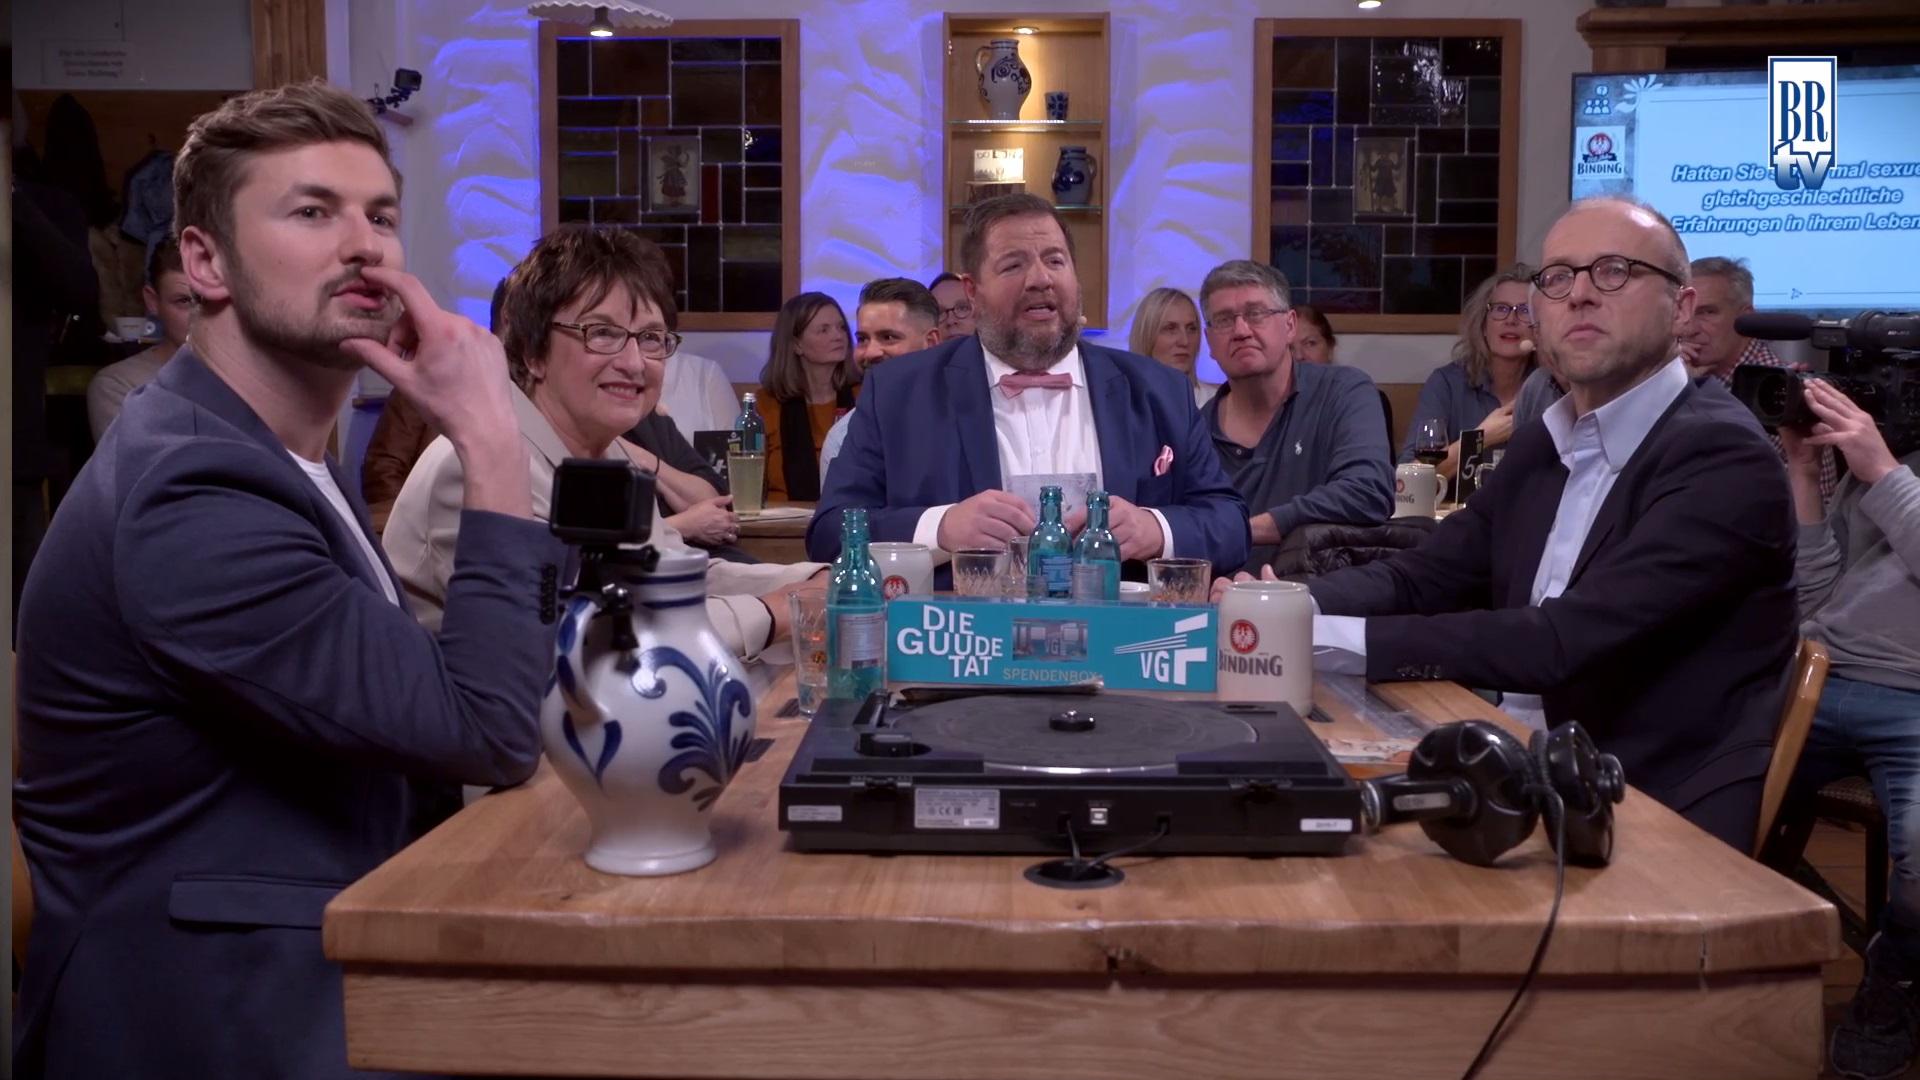 Bembel & Gebabbel – Folge 52 mit Brigitte Zypries, Patrick Wasserziehr & Nicolas Puschmannb